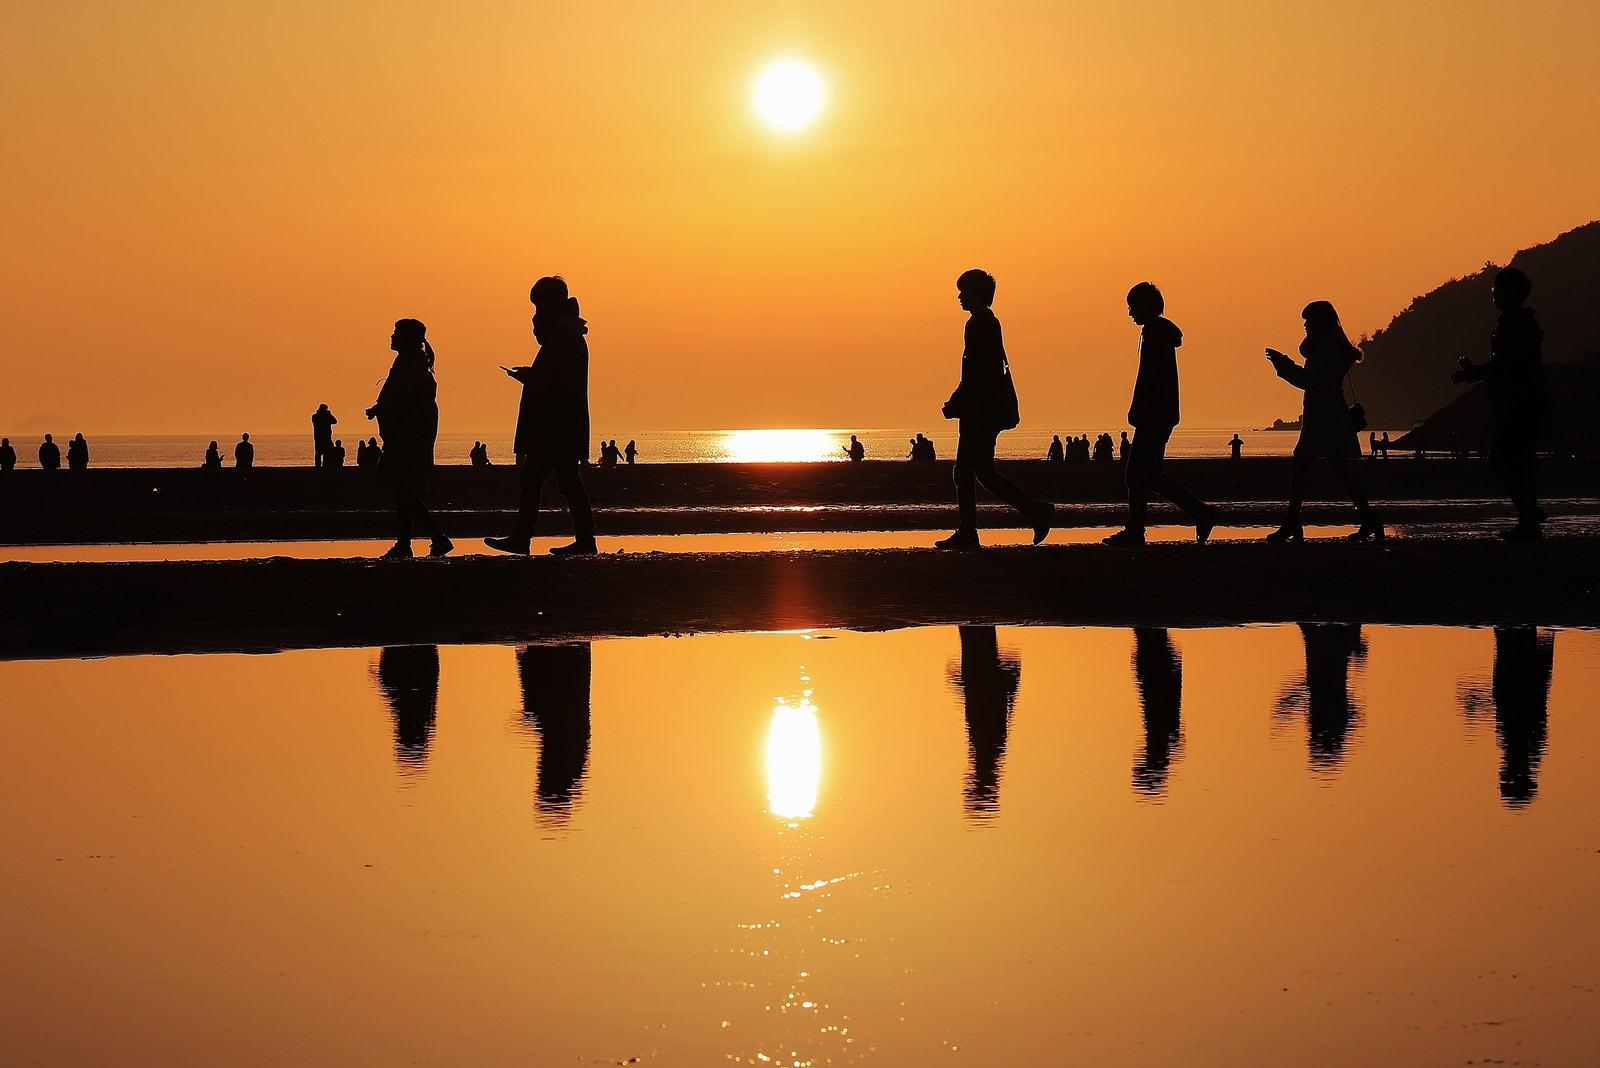 「夕暮れ時に砂浜を散策する人達のシルエット」